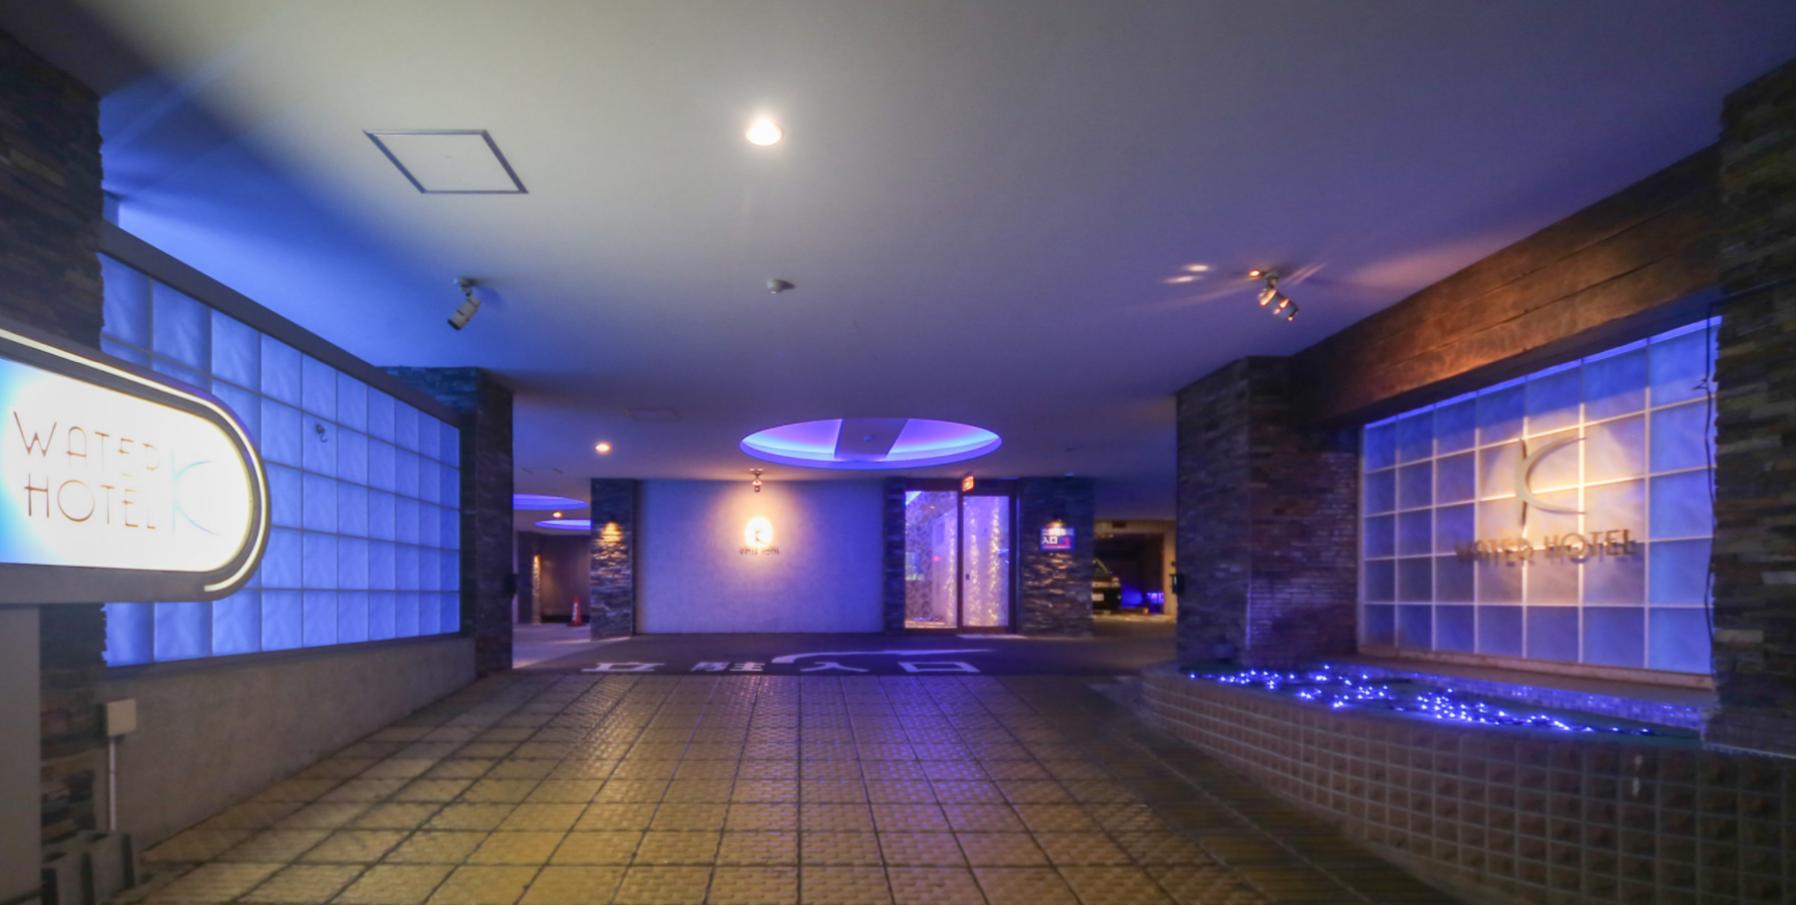 ① ゲイカップルOKの札幌中央区すすきの近くのラブホ【WATER HOTEL K】